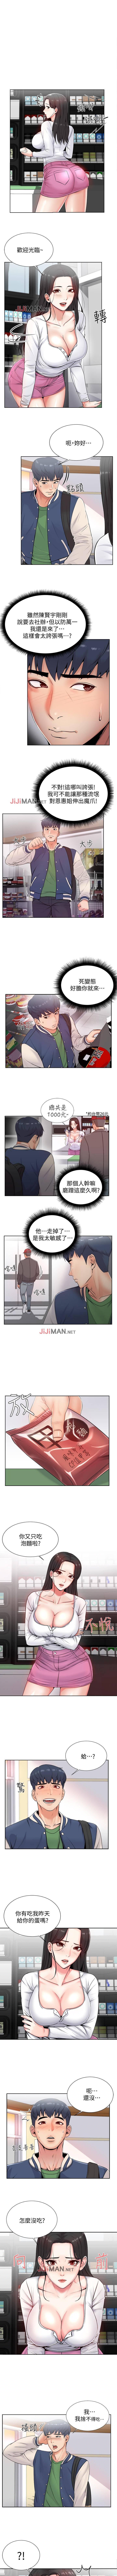 【周三连载】超市的漂亮姐姐(作者:北鼻&逃兵) 第1~20话 14